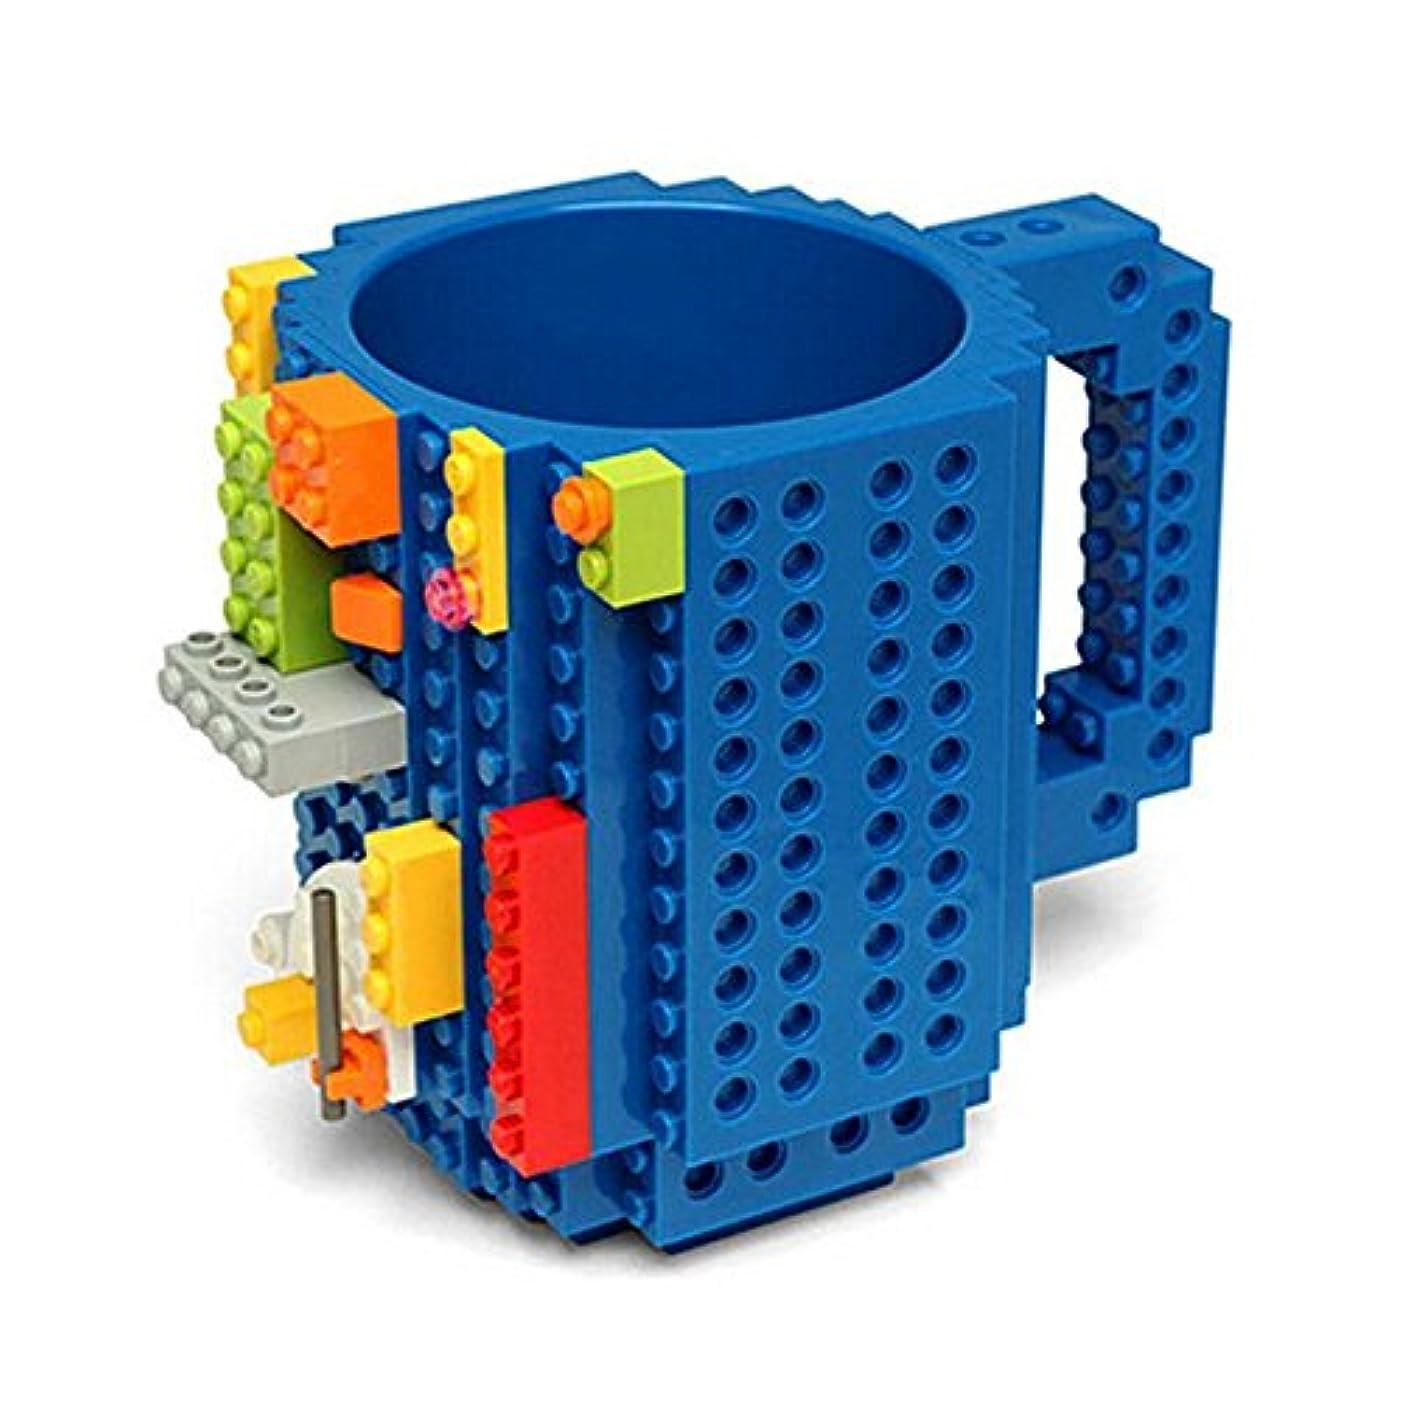 減少ジェームズダイソンクレーンMaxcrestas - 350ML DIY?ビルディング?ブロックのカップレンガコーヒーティーカップ凍った水のドリンクカップDIYブロックパズルシッククリエイティブホームDrinkwares